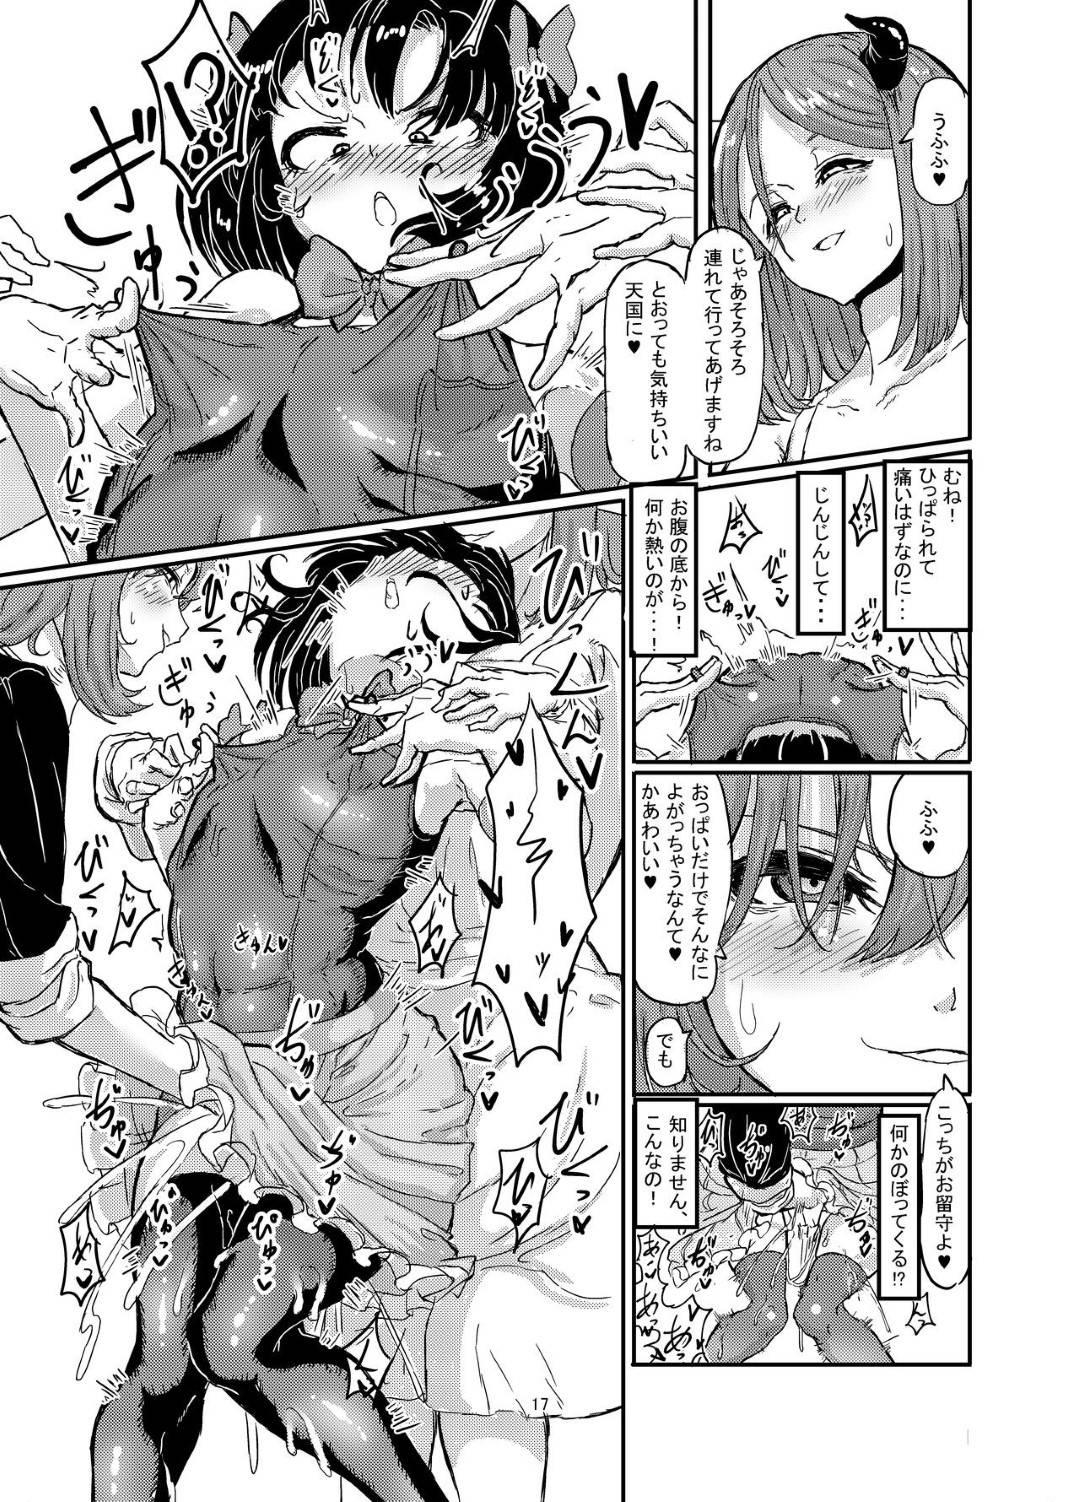 【エロ漫画】悪魔の巨乳お姉さん達に敗北してしまったロリ系魔法少女。二人に囲まれて身動きできないようにされてしまった彼女は乳首責めや手マンを受けて強制的にアクメ絶頂させられてしまう。更には部屋へと連れ込まれて調教を受けることに。